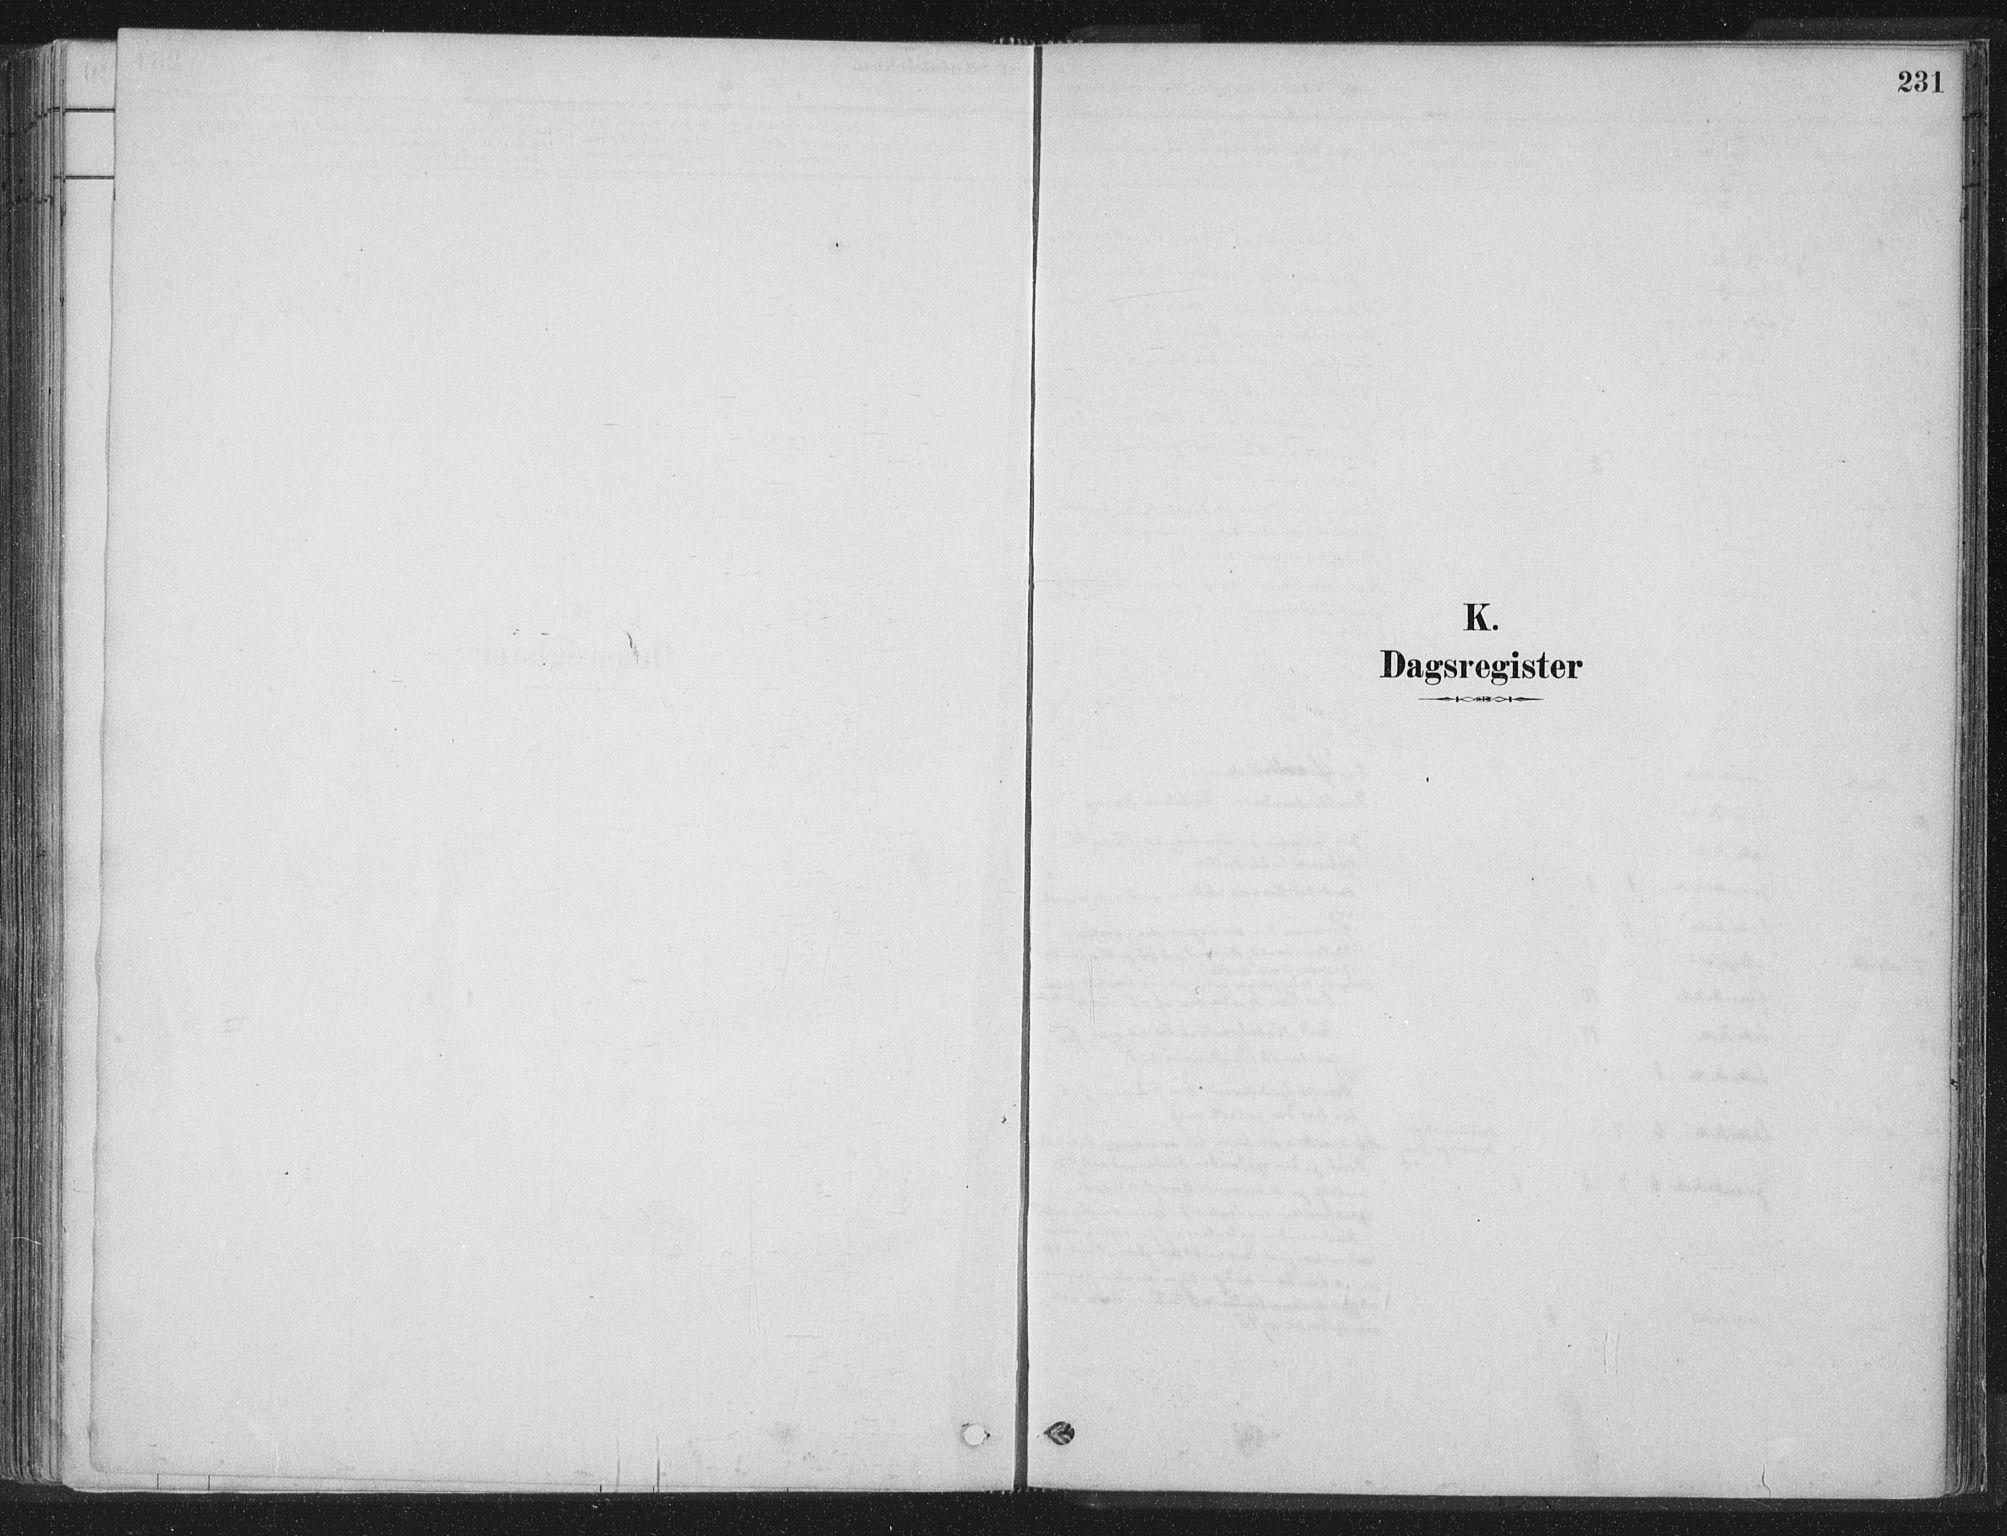 SAT, Ministerialprotokoller, klokkerbøker og fødselsregistre - Nord-Trøndelag, 788/L0697: Ministerialbok nr. 788A04, 1878-1902, s. 231